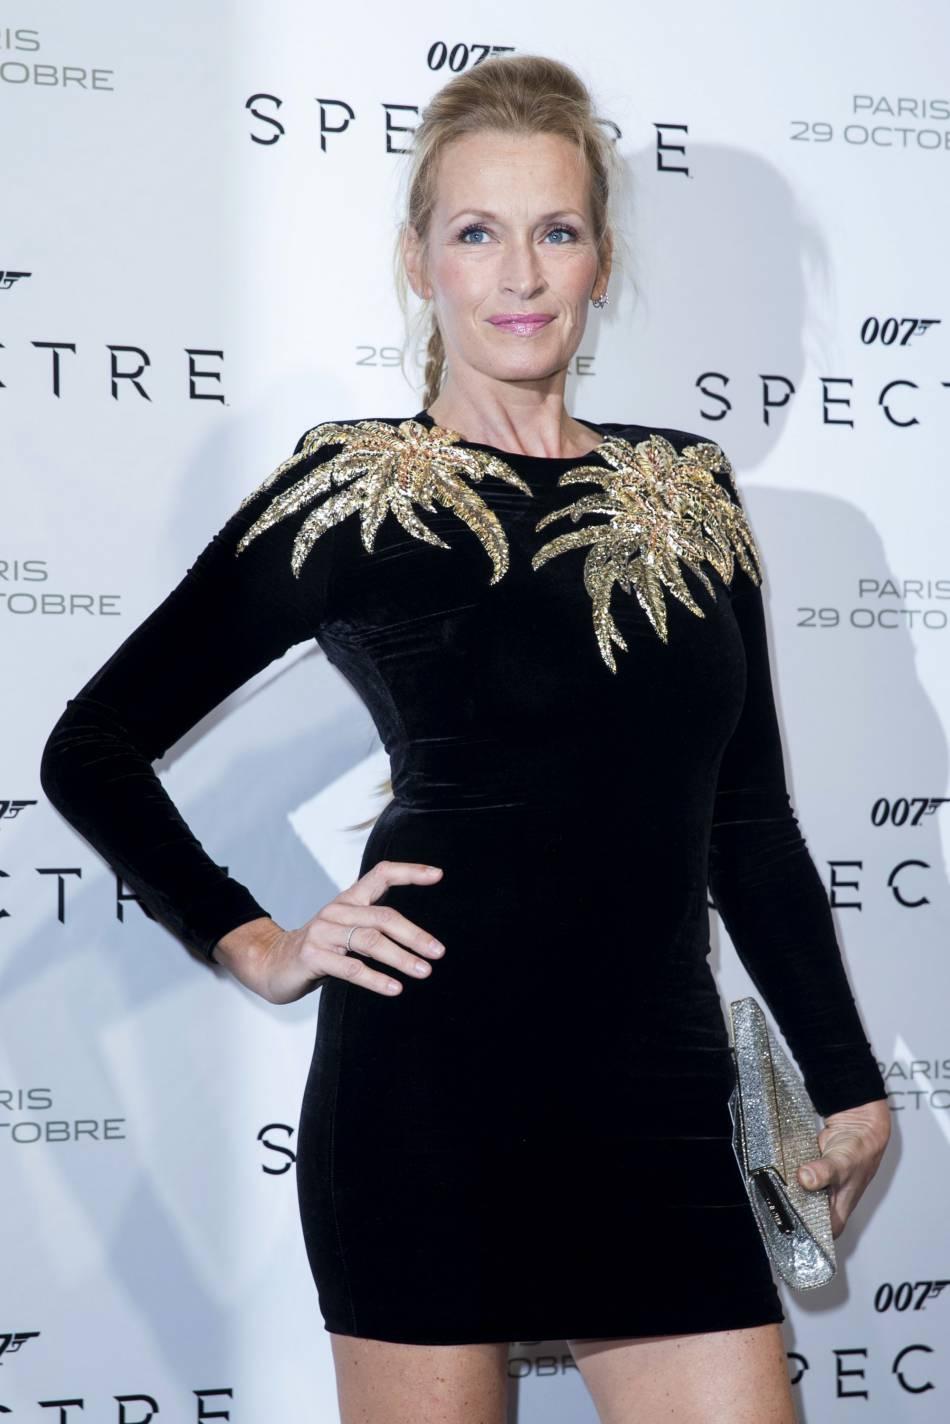 """Estelle Lefébure sur son 31 à la première de """"Spectre"""" à Paris le 29 octobre 2015."""